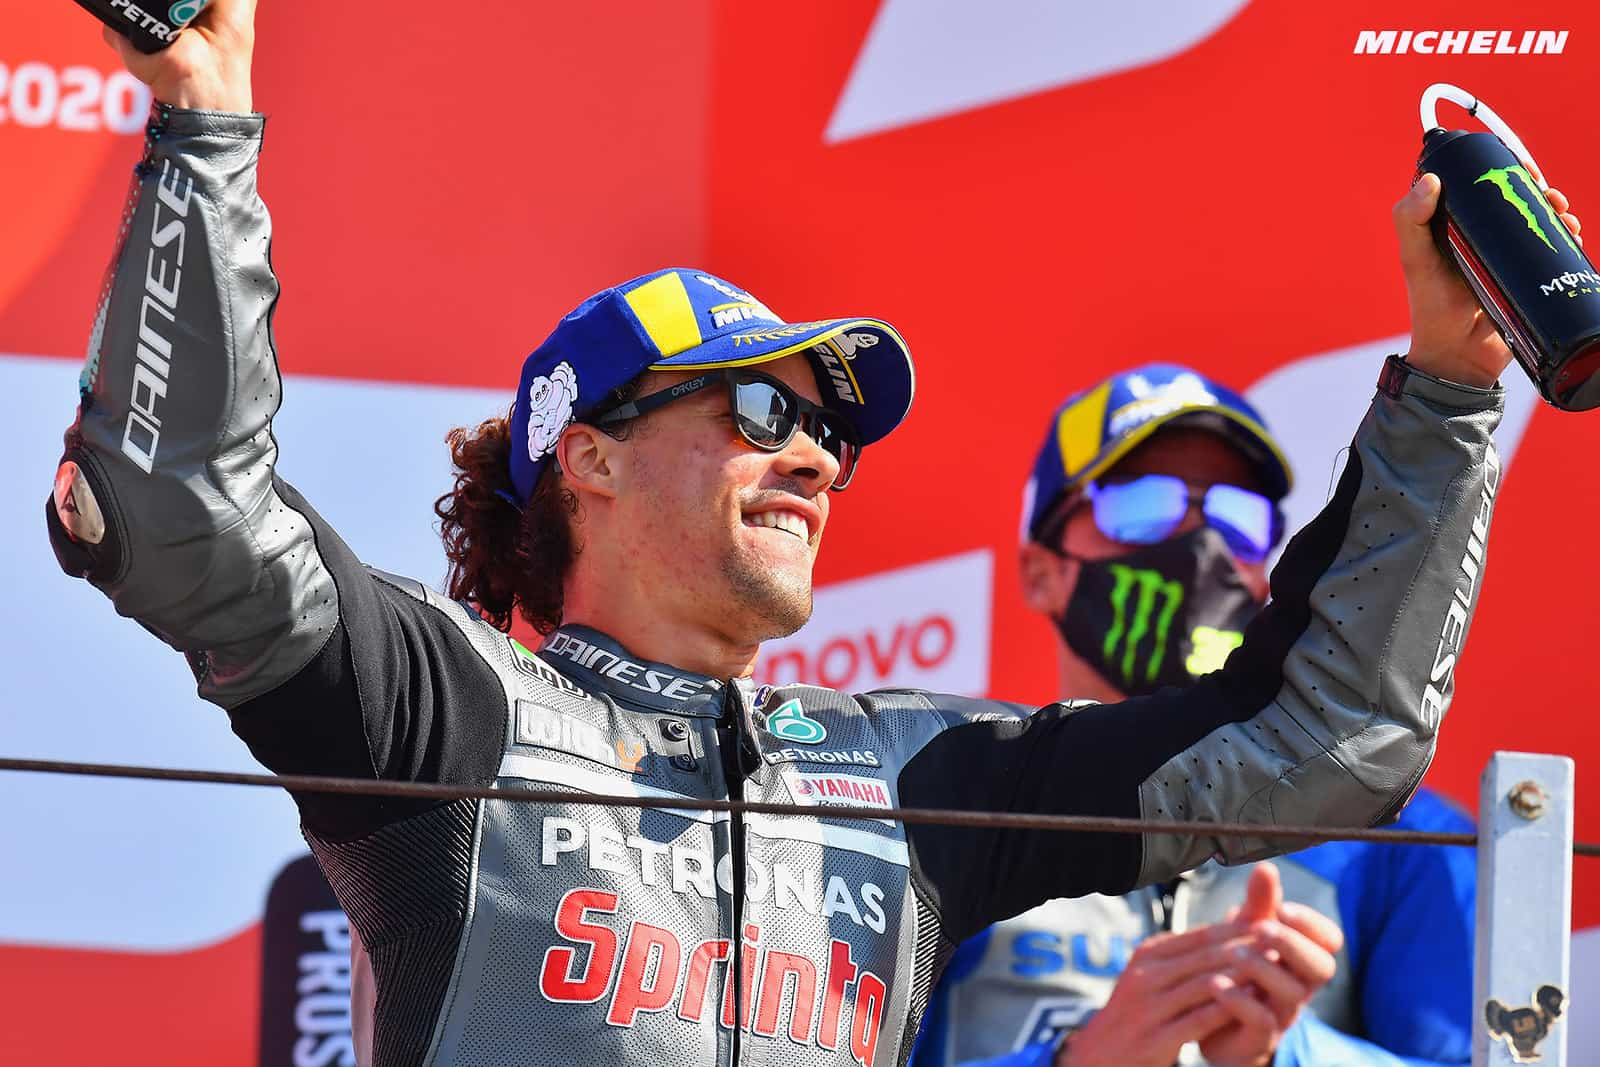 サンマリノGP 優勝フランコ・モルビデッリ「リズムを維持することに集中した」